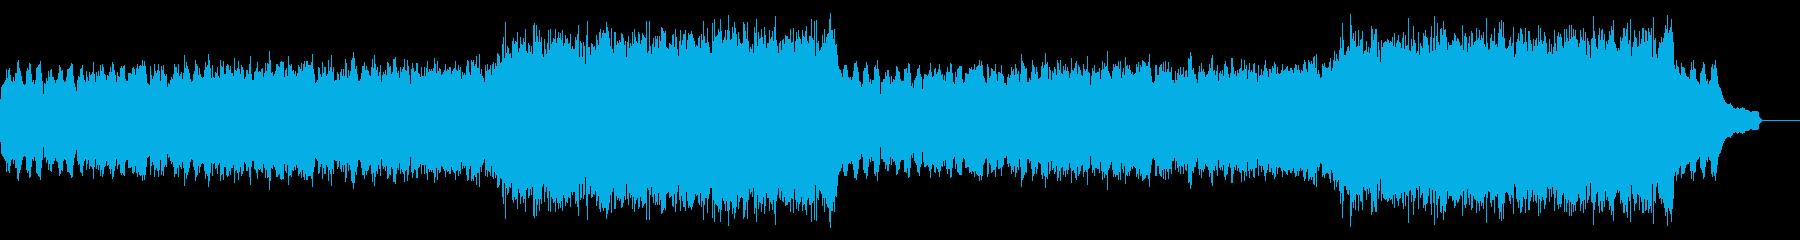 企業VP映像、119オーケストラ、爽快aの再生済みの波形